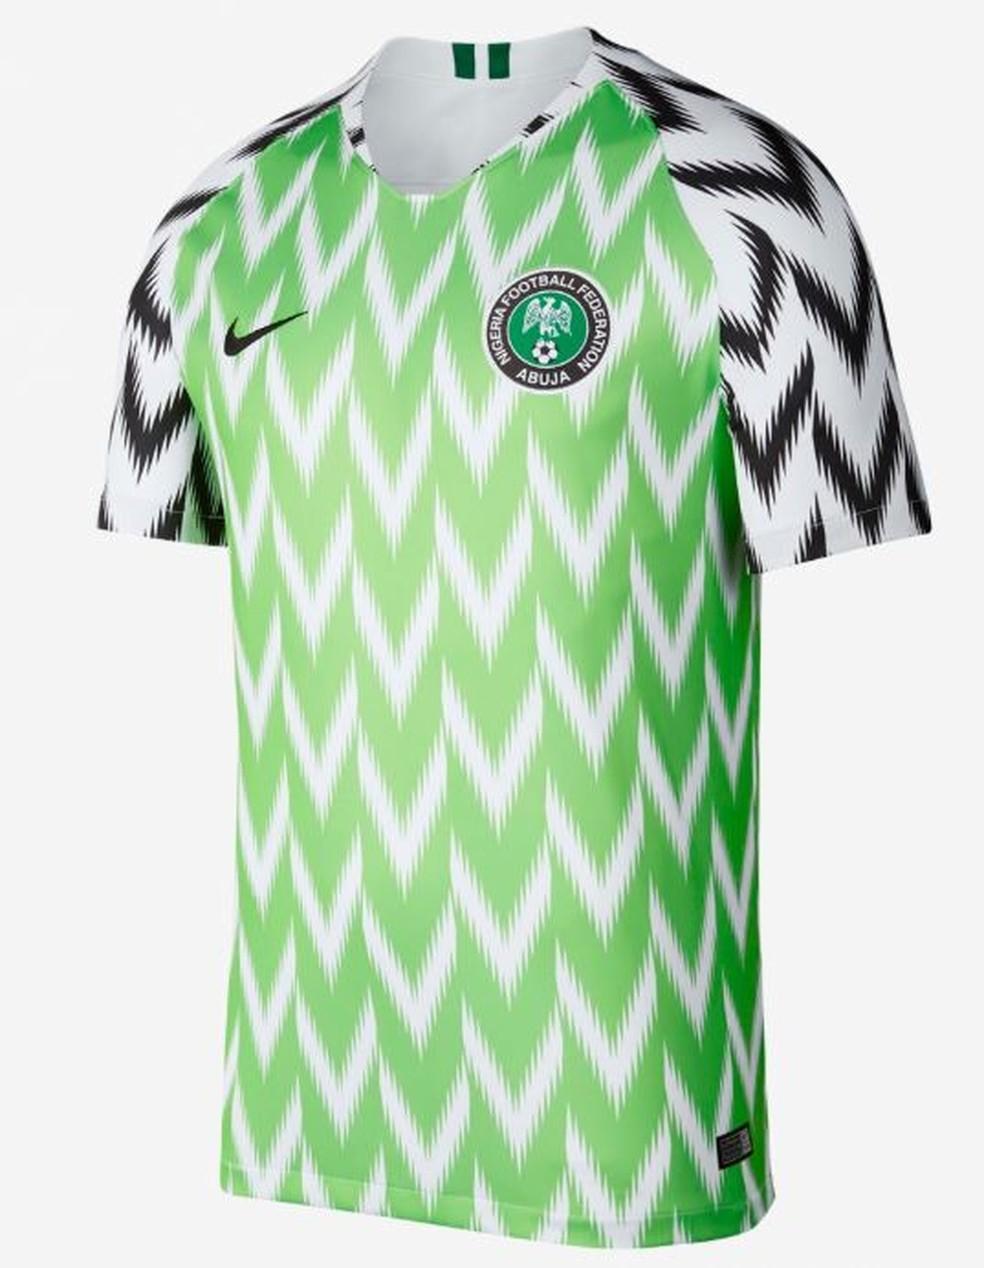 Camisa da Nigéria foi eleita a mais bonita da década por site especializado — Foto: Reprodução